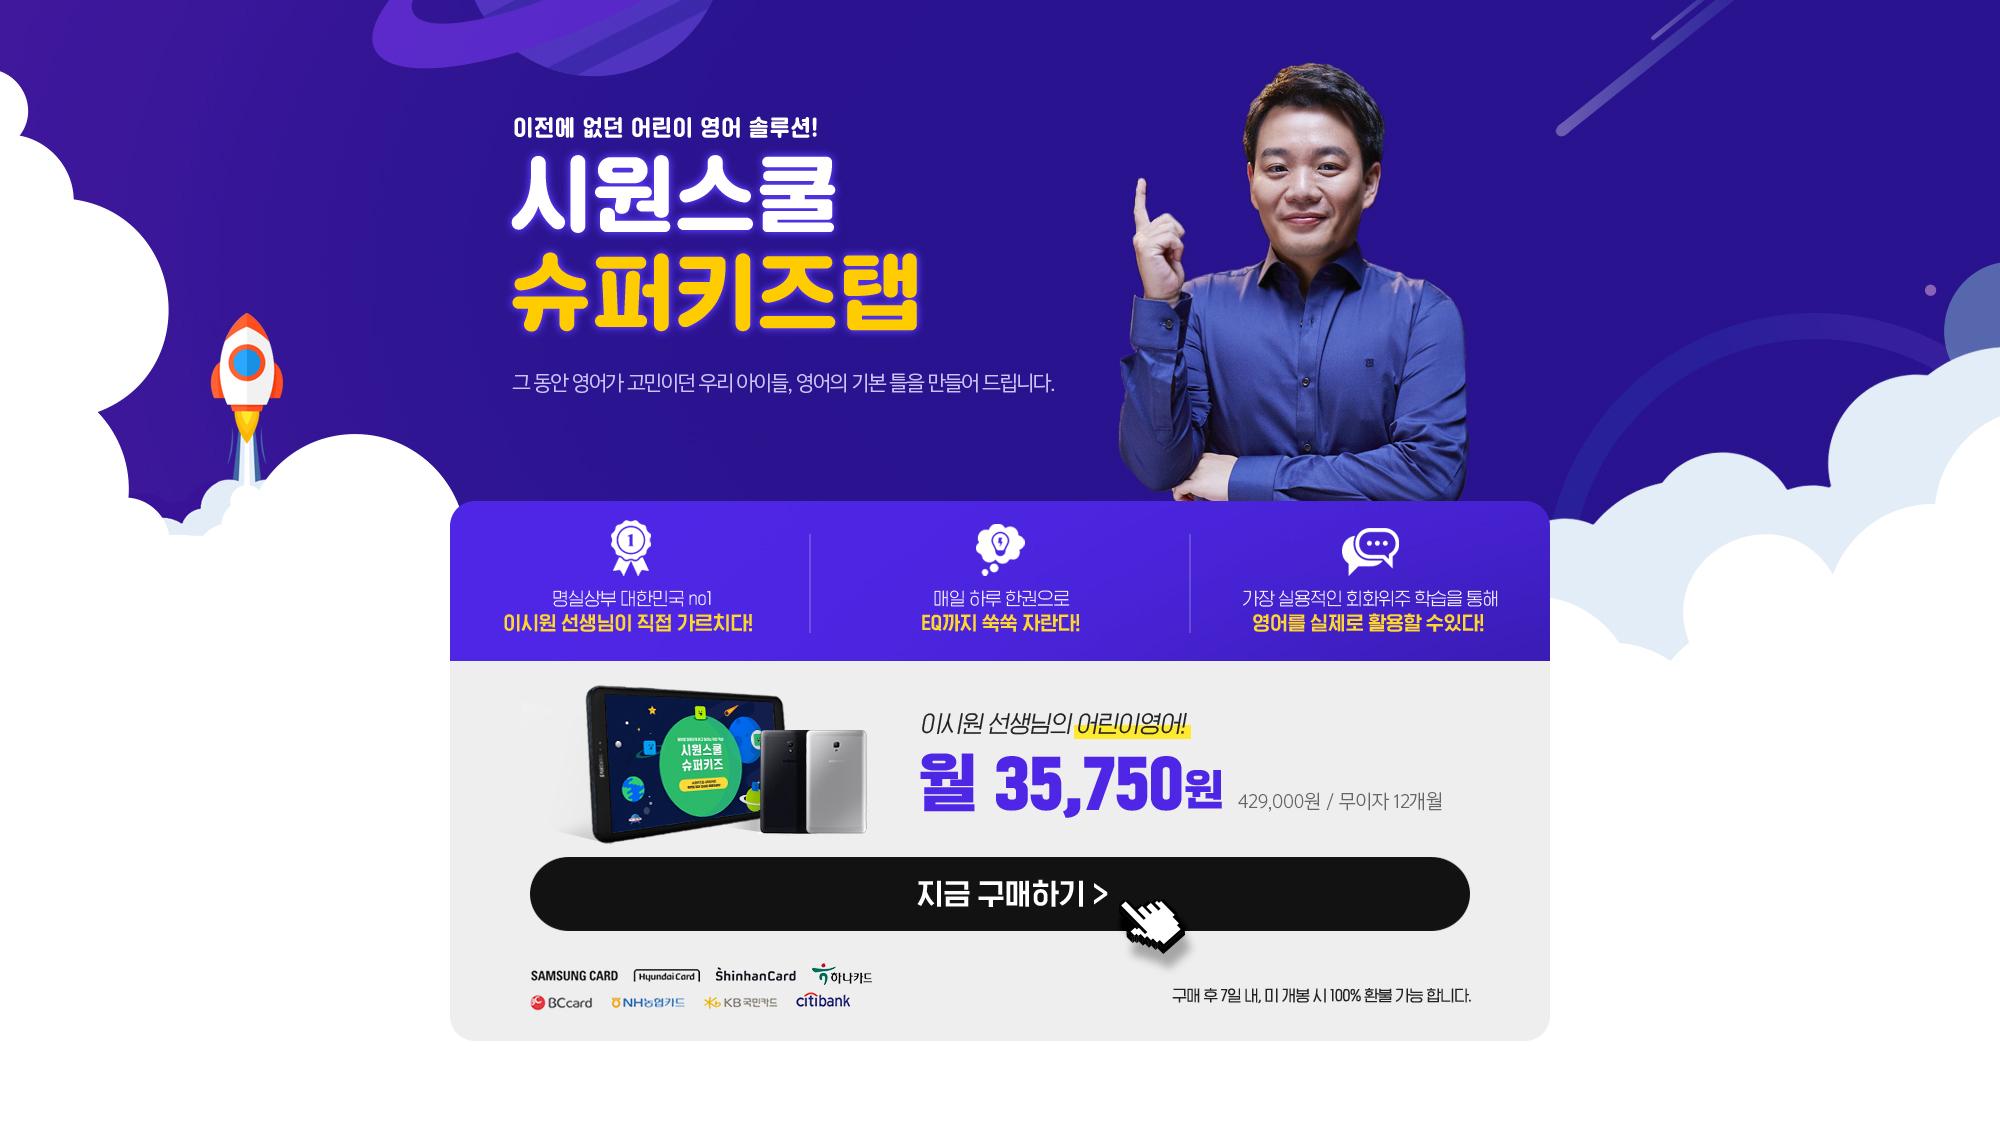 이시원 선생ㅇ님의 어린이영어! 월 35,750원